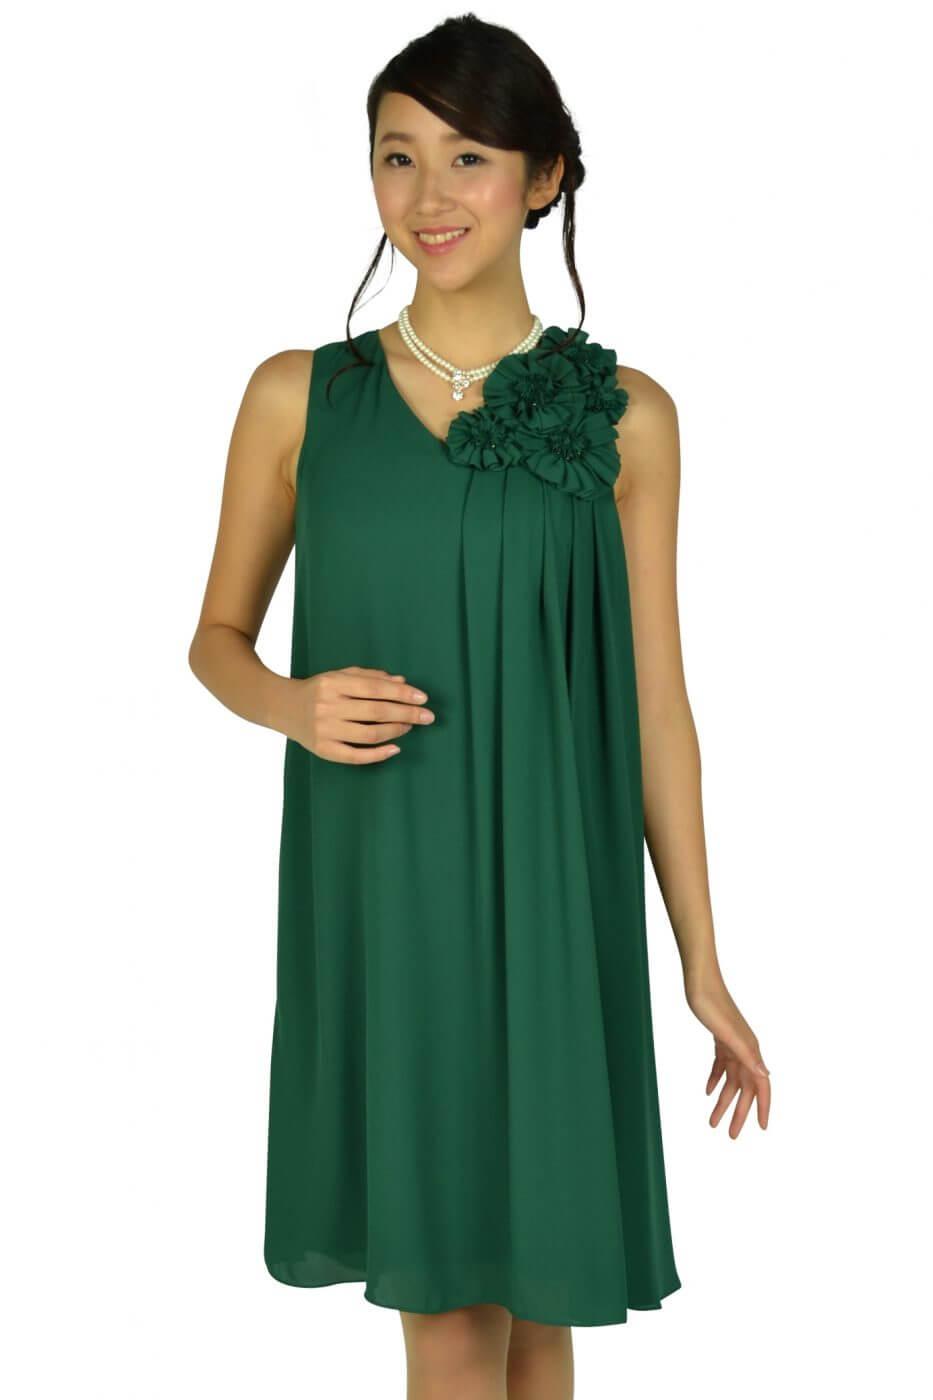 ドーリードール(Dorry Doll)フラワーコサージュグリーンドレス